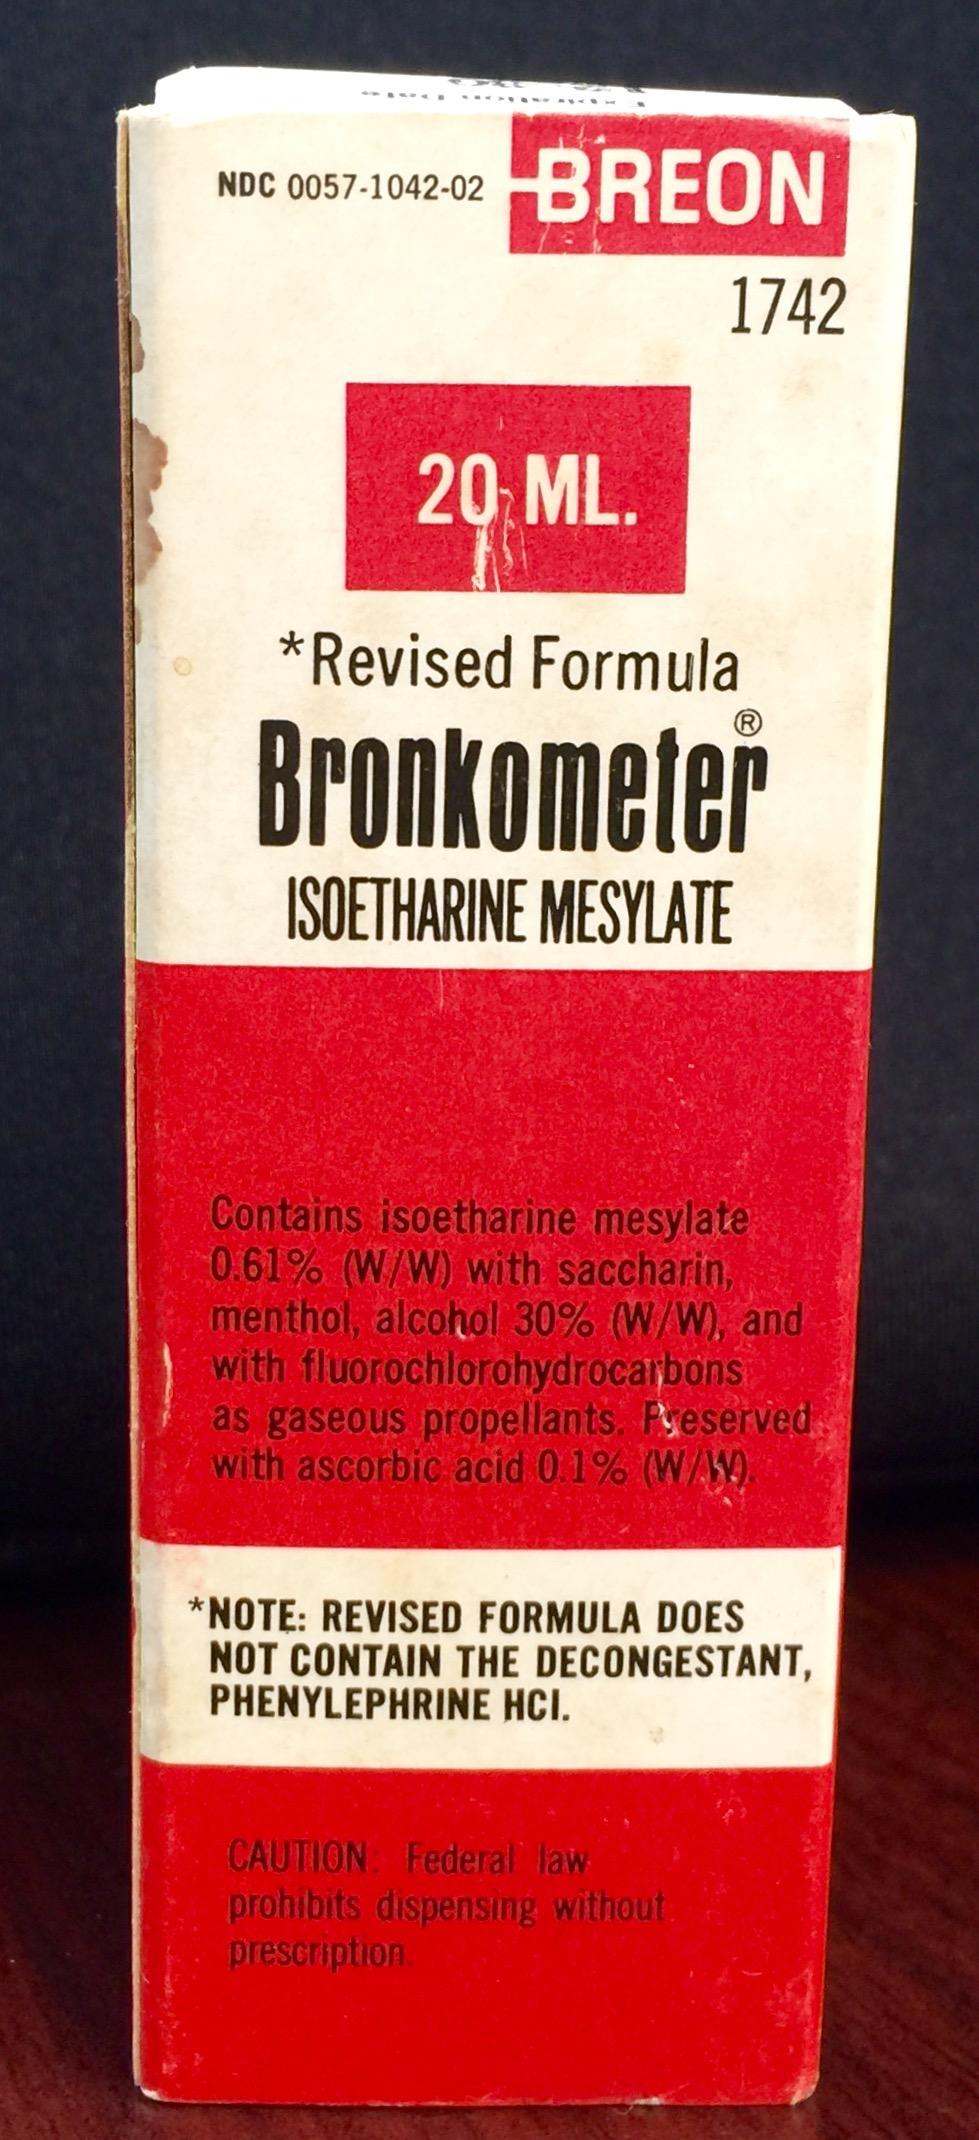 Bronkometer